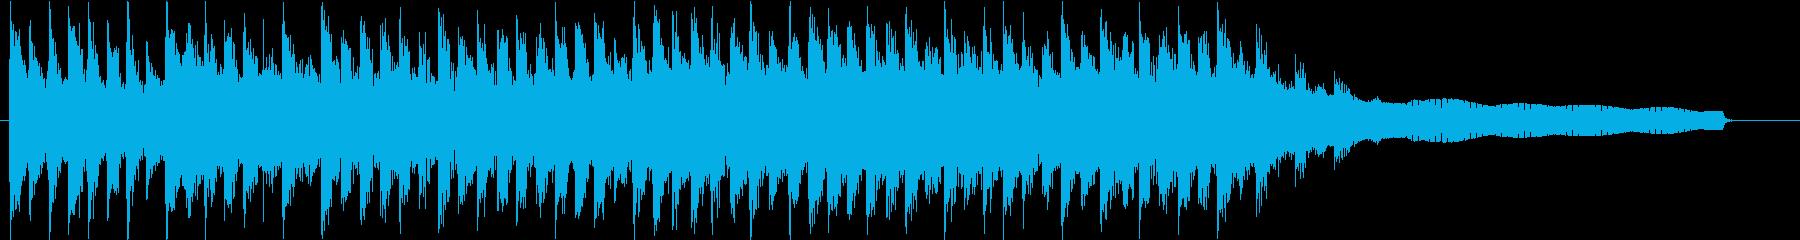 クリーンなインスピレーショナル系ジングルの再生済みの波形